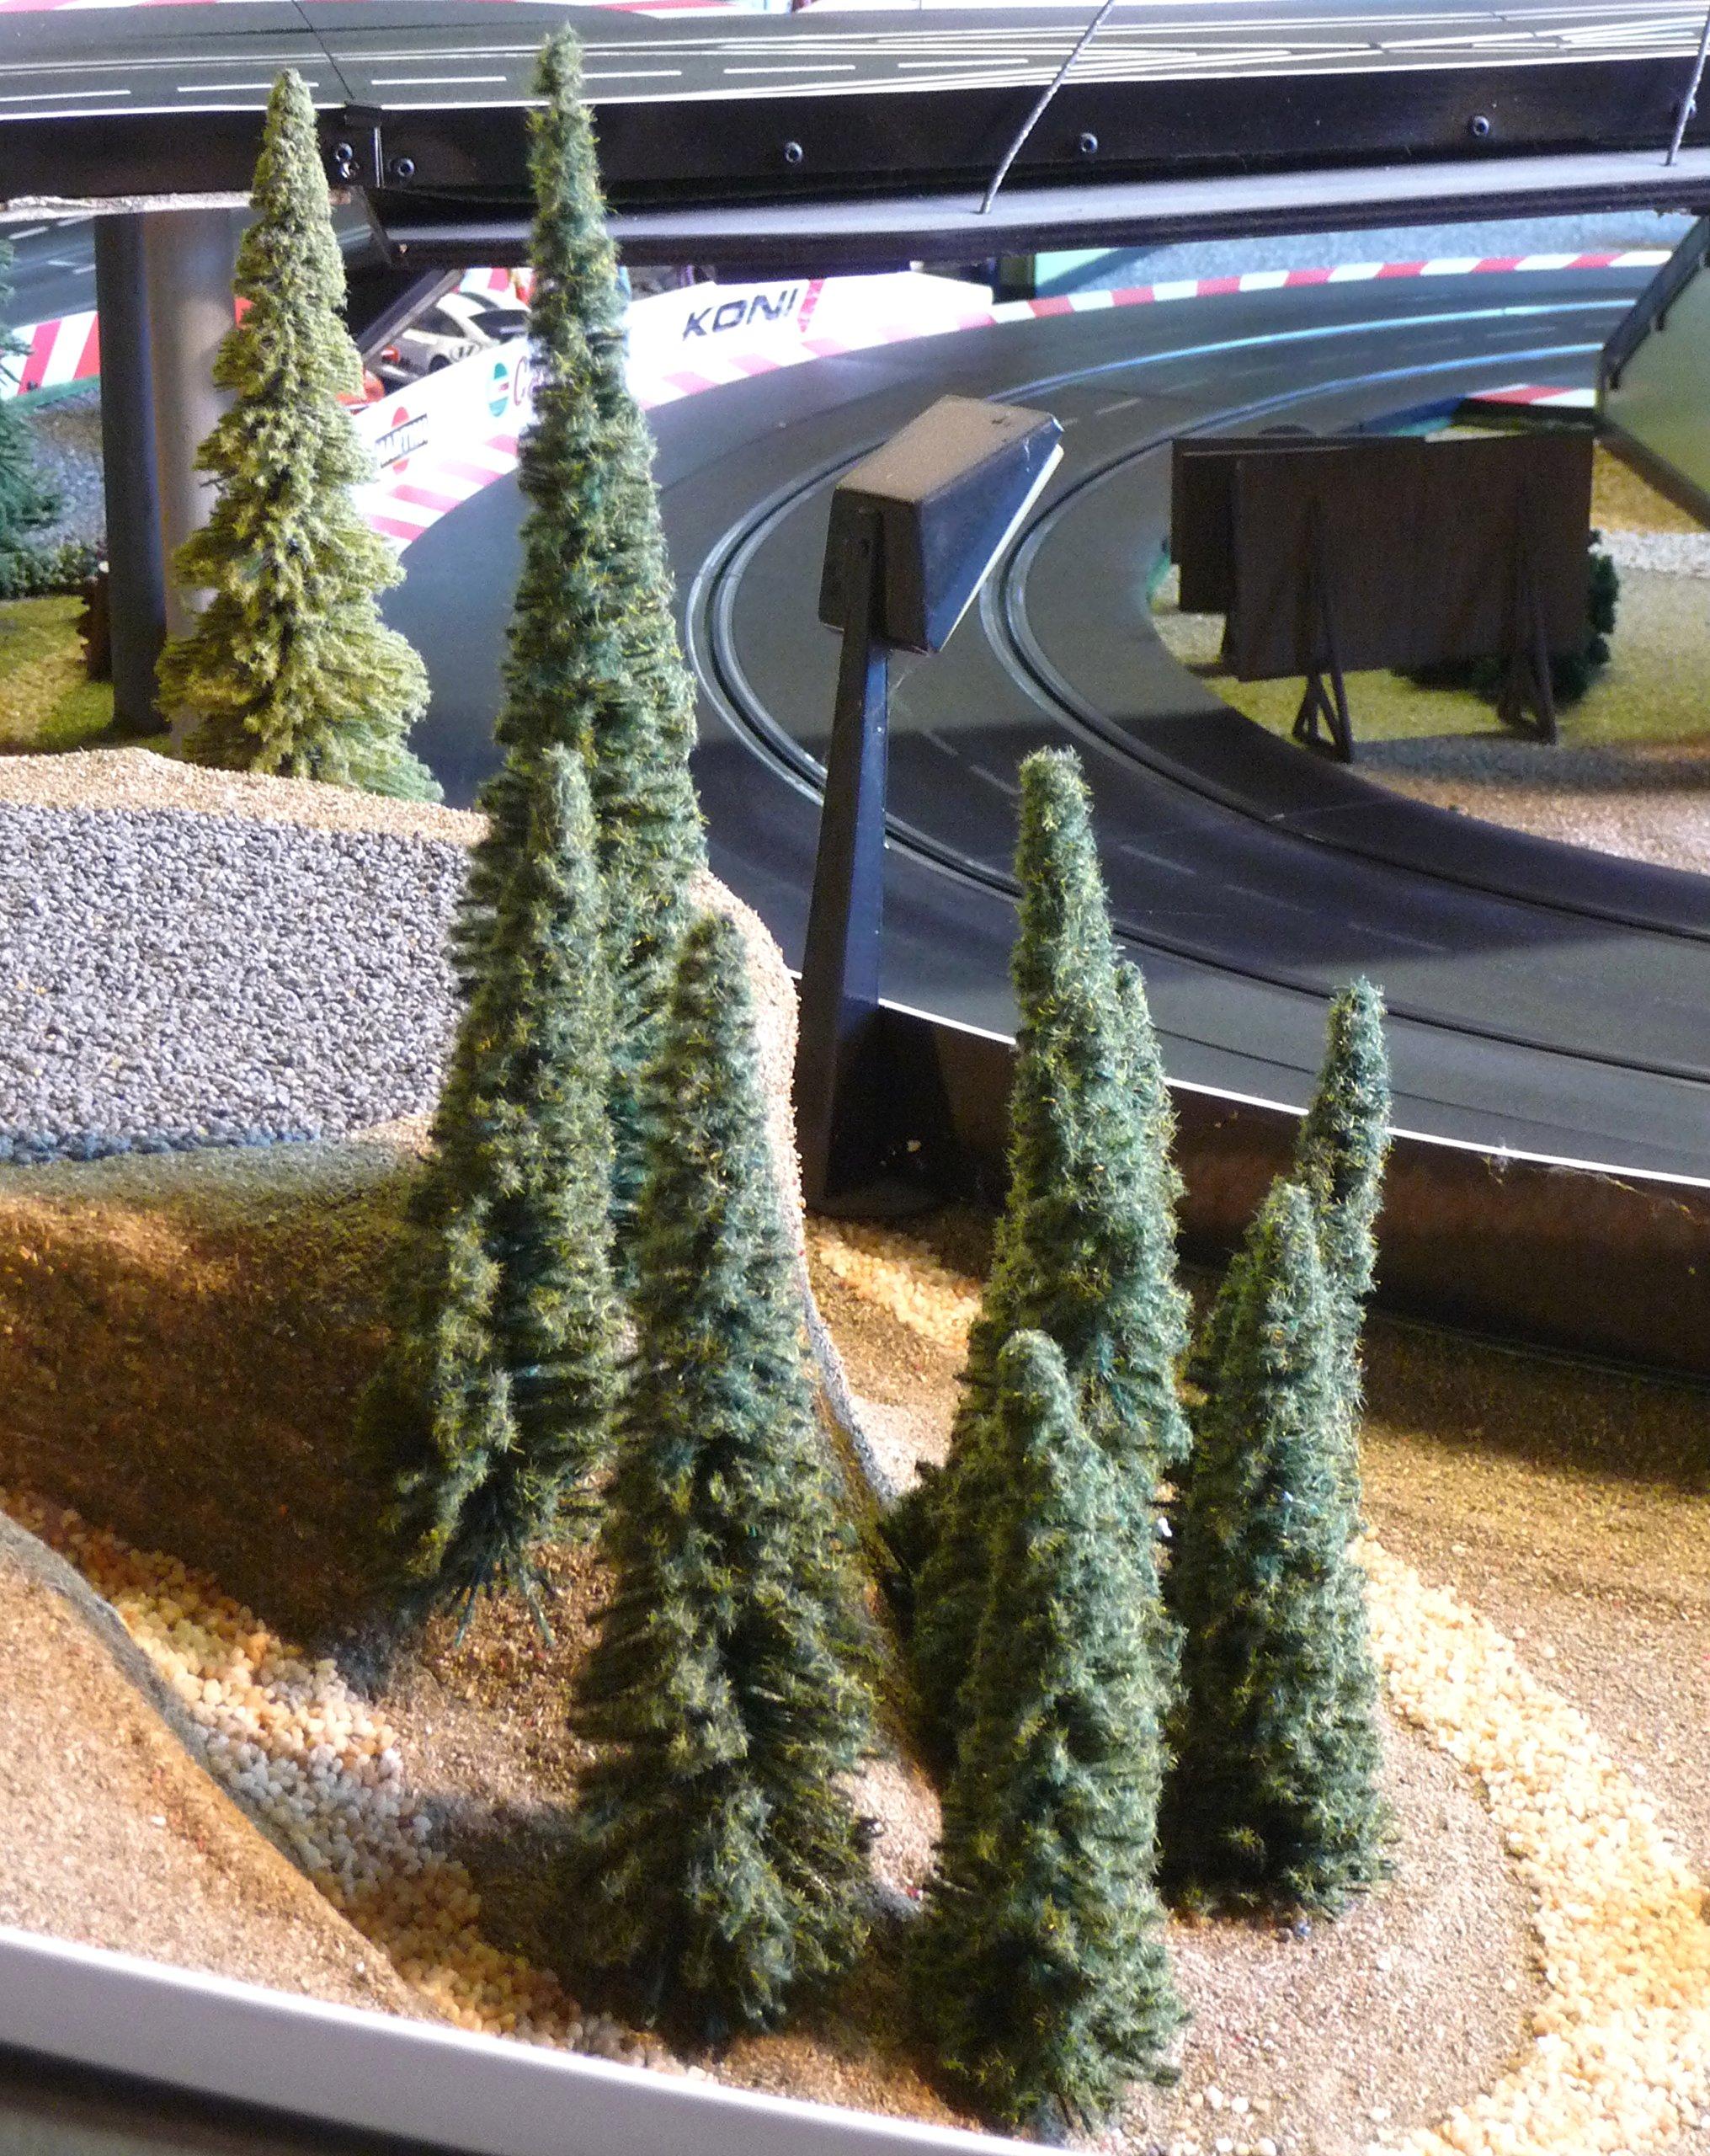 20-STCK-Modellbau-TANNEN-Fichten-Bume-BEFLOCKT-Hhe-14-20cm-fr-H0